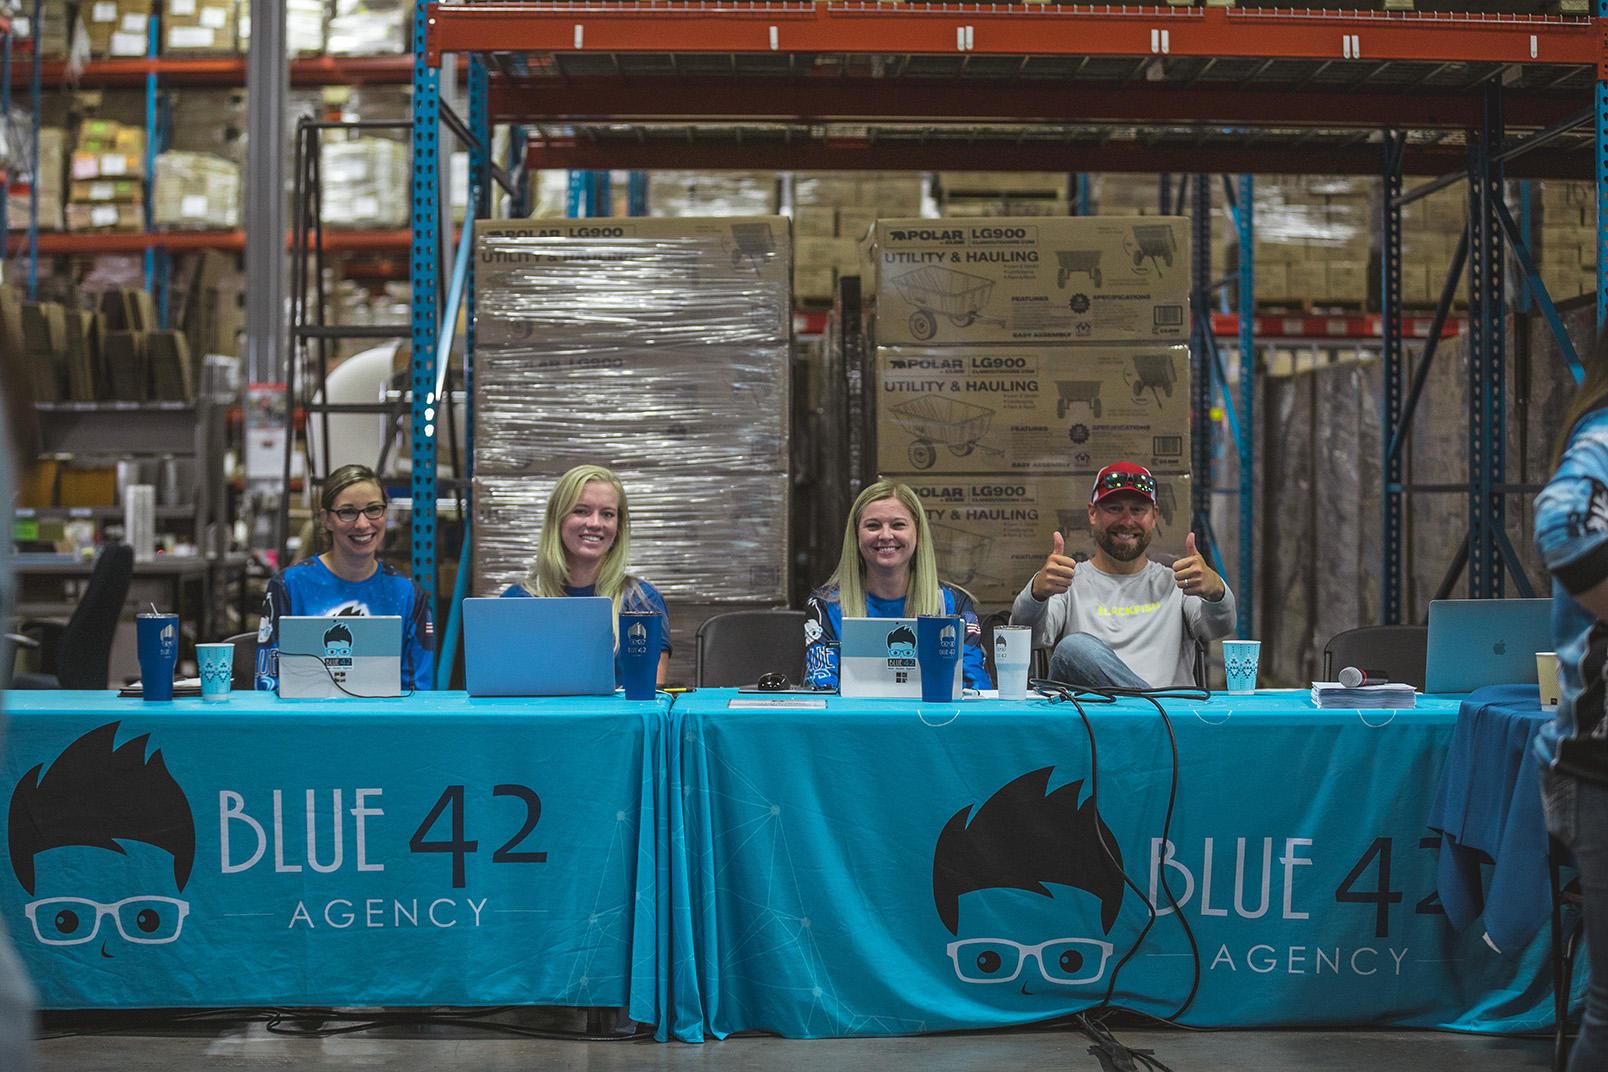 Blue42 Agency